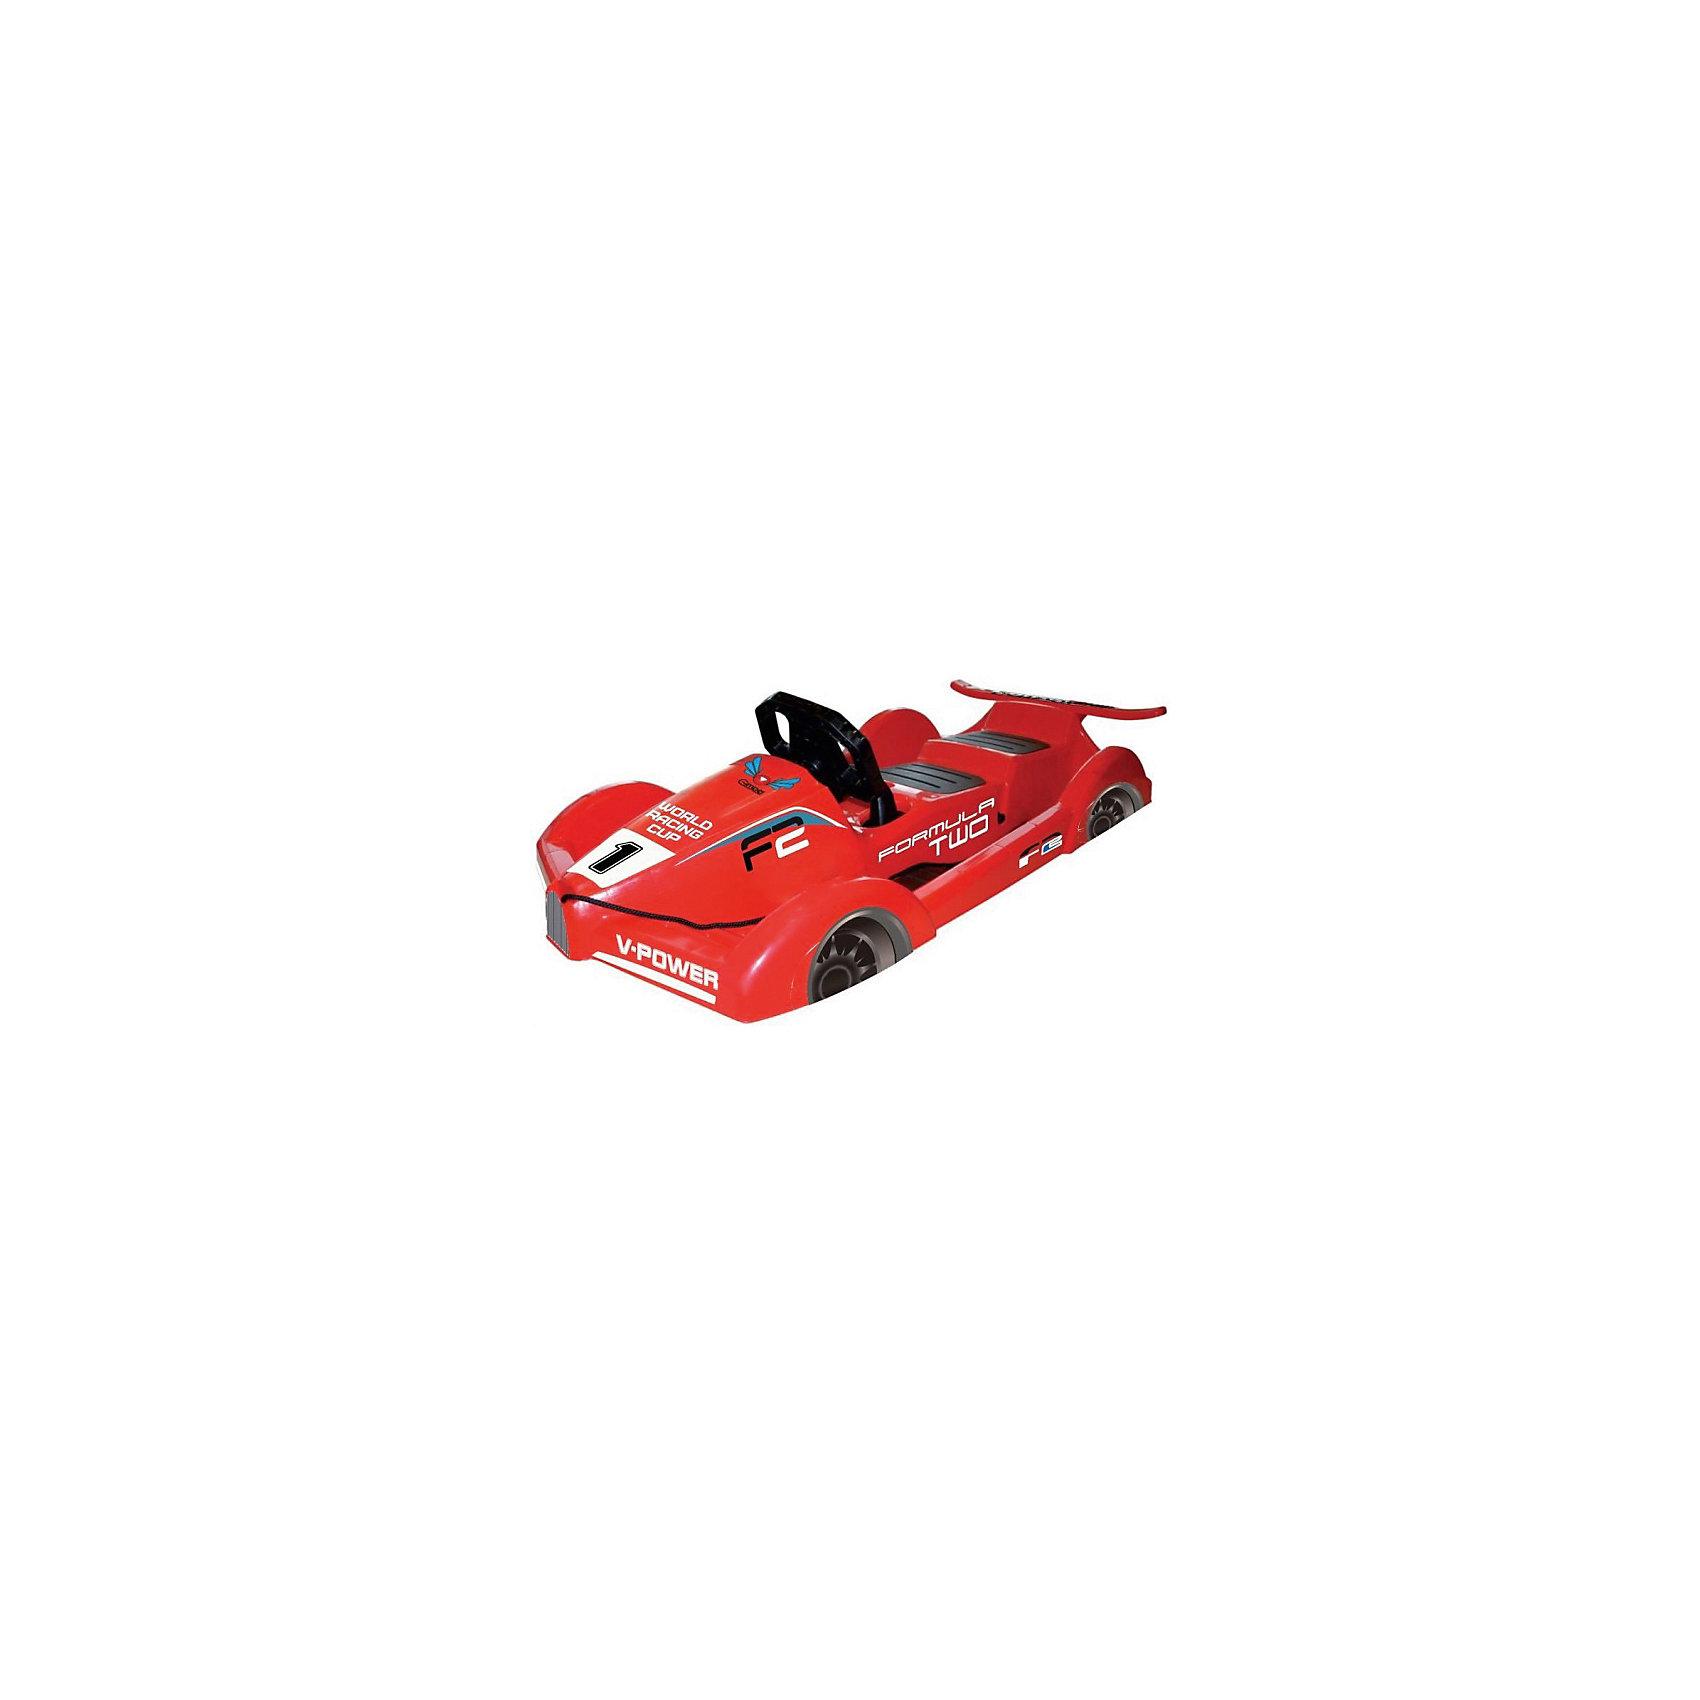 Санки Formula, красный, GimpelСанки и снегокаты<br>Санки Formula, красный, Gimpel (Гимпель).<br><br>Характеристики:<br><br>- Максимальный вес: 90 кг.<br>- Материал: морозостойкий HDPE пластик<br>- Цвет: красный<br>- Длина: 120 см.<br>- Вес: 5,2 кг.<br><br>Двухместные управляемые санки Formula Gimpel (Гимпель) стилизованы под гоночный болид. Яркий и стильный дизайн, спойлер и имитация колес позволят ребенку почувствовать себя настоящим пилотом на снежной трассе. Руль, управляющий скрытыми лыжами, и ручной тормоз обеспечивают манёвренность и контроль движения. Также санки оснащены буксировочным тросом с удобной ручкой. Сиденья выполнены из пластика с антискользящим покрытием. Ударопрочный корпус, изготовленный из морозоустойчивого пластика, обладает повышенной износостойкостью. Явным преимуществом санок является то, что они рассчитаны на 2 детей.<br><br>Санки Formula, красные, Gimpel (Гимпель) можно купить в нашем интернет-магазине.<br><br>Ширина мм: 1200<br>Глубина мм: 520<br>Высота мм: 330<br>Вес г: 5200<br>Возраст от месяцев: 36<br>Возраст до месяцев: 144<br>Пол: Мужской<br>Возраст: Детский<br>SKU: 5329968